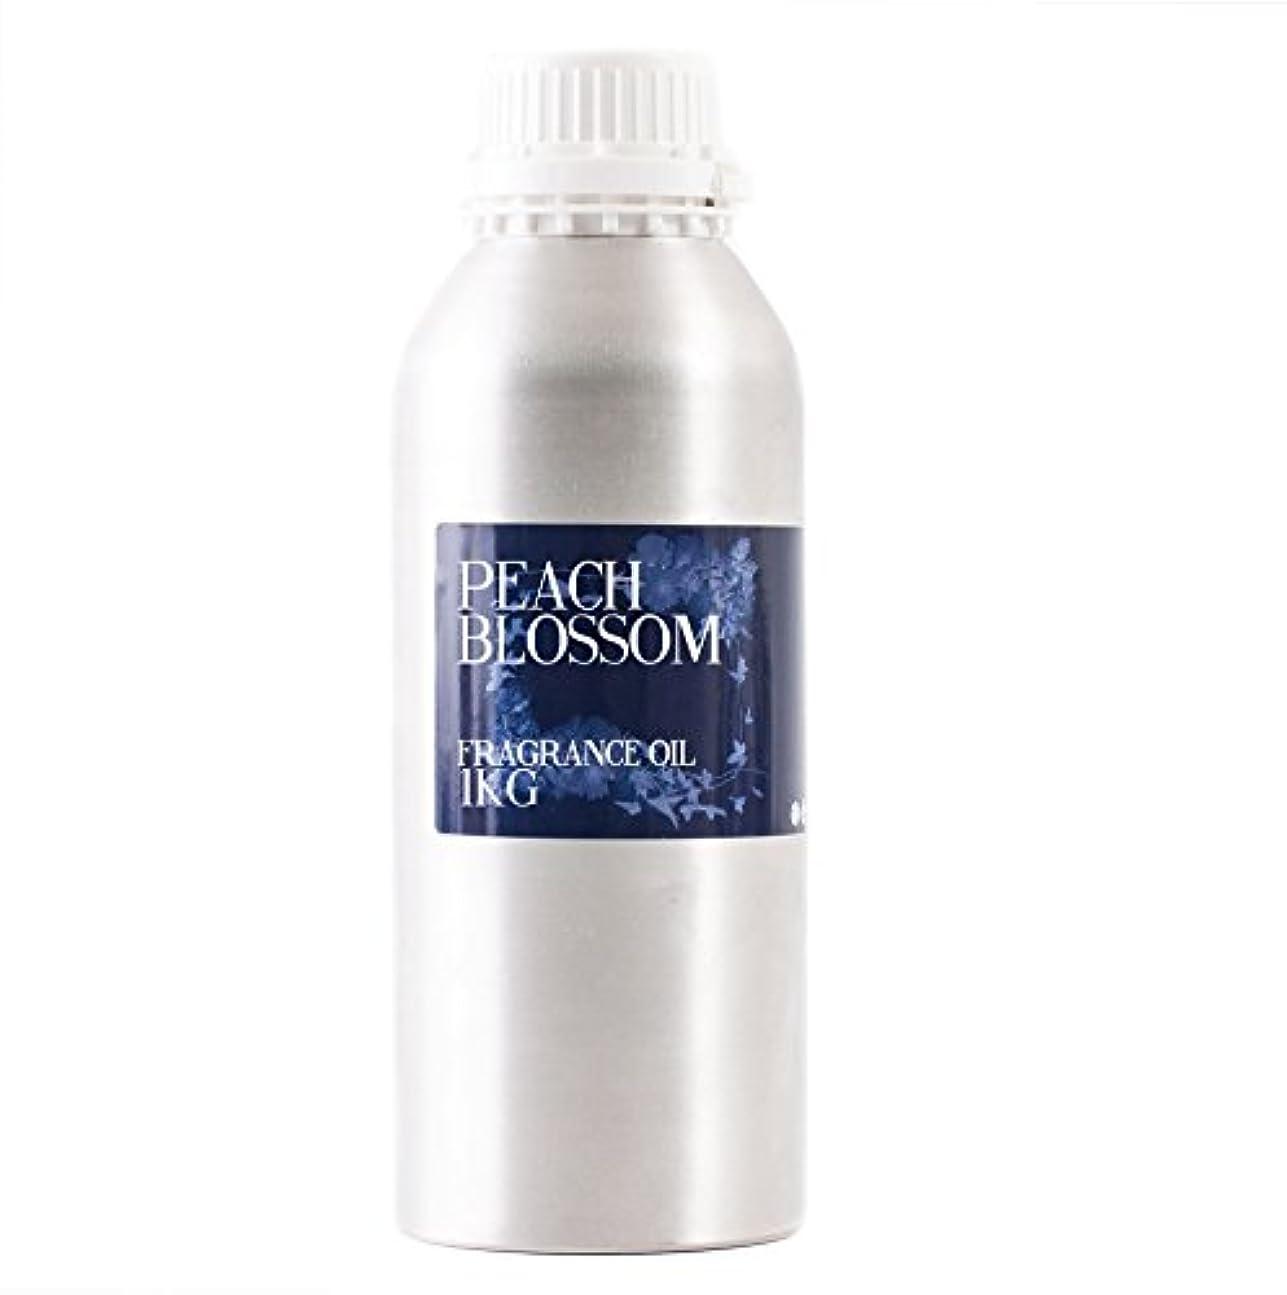 すばらしいです先行する仕事に行くMystic Moments | Peach Blossom Fragrance Oil - 1Kg